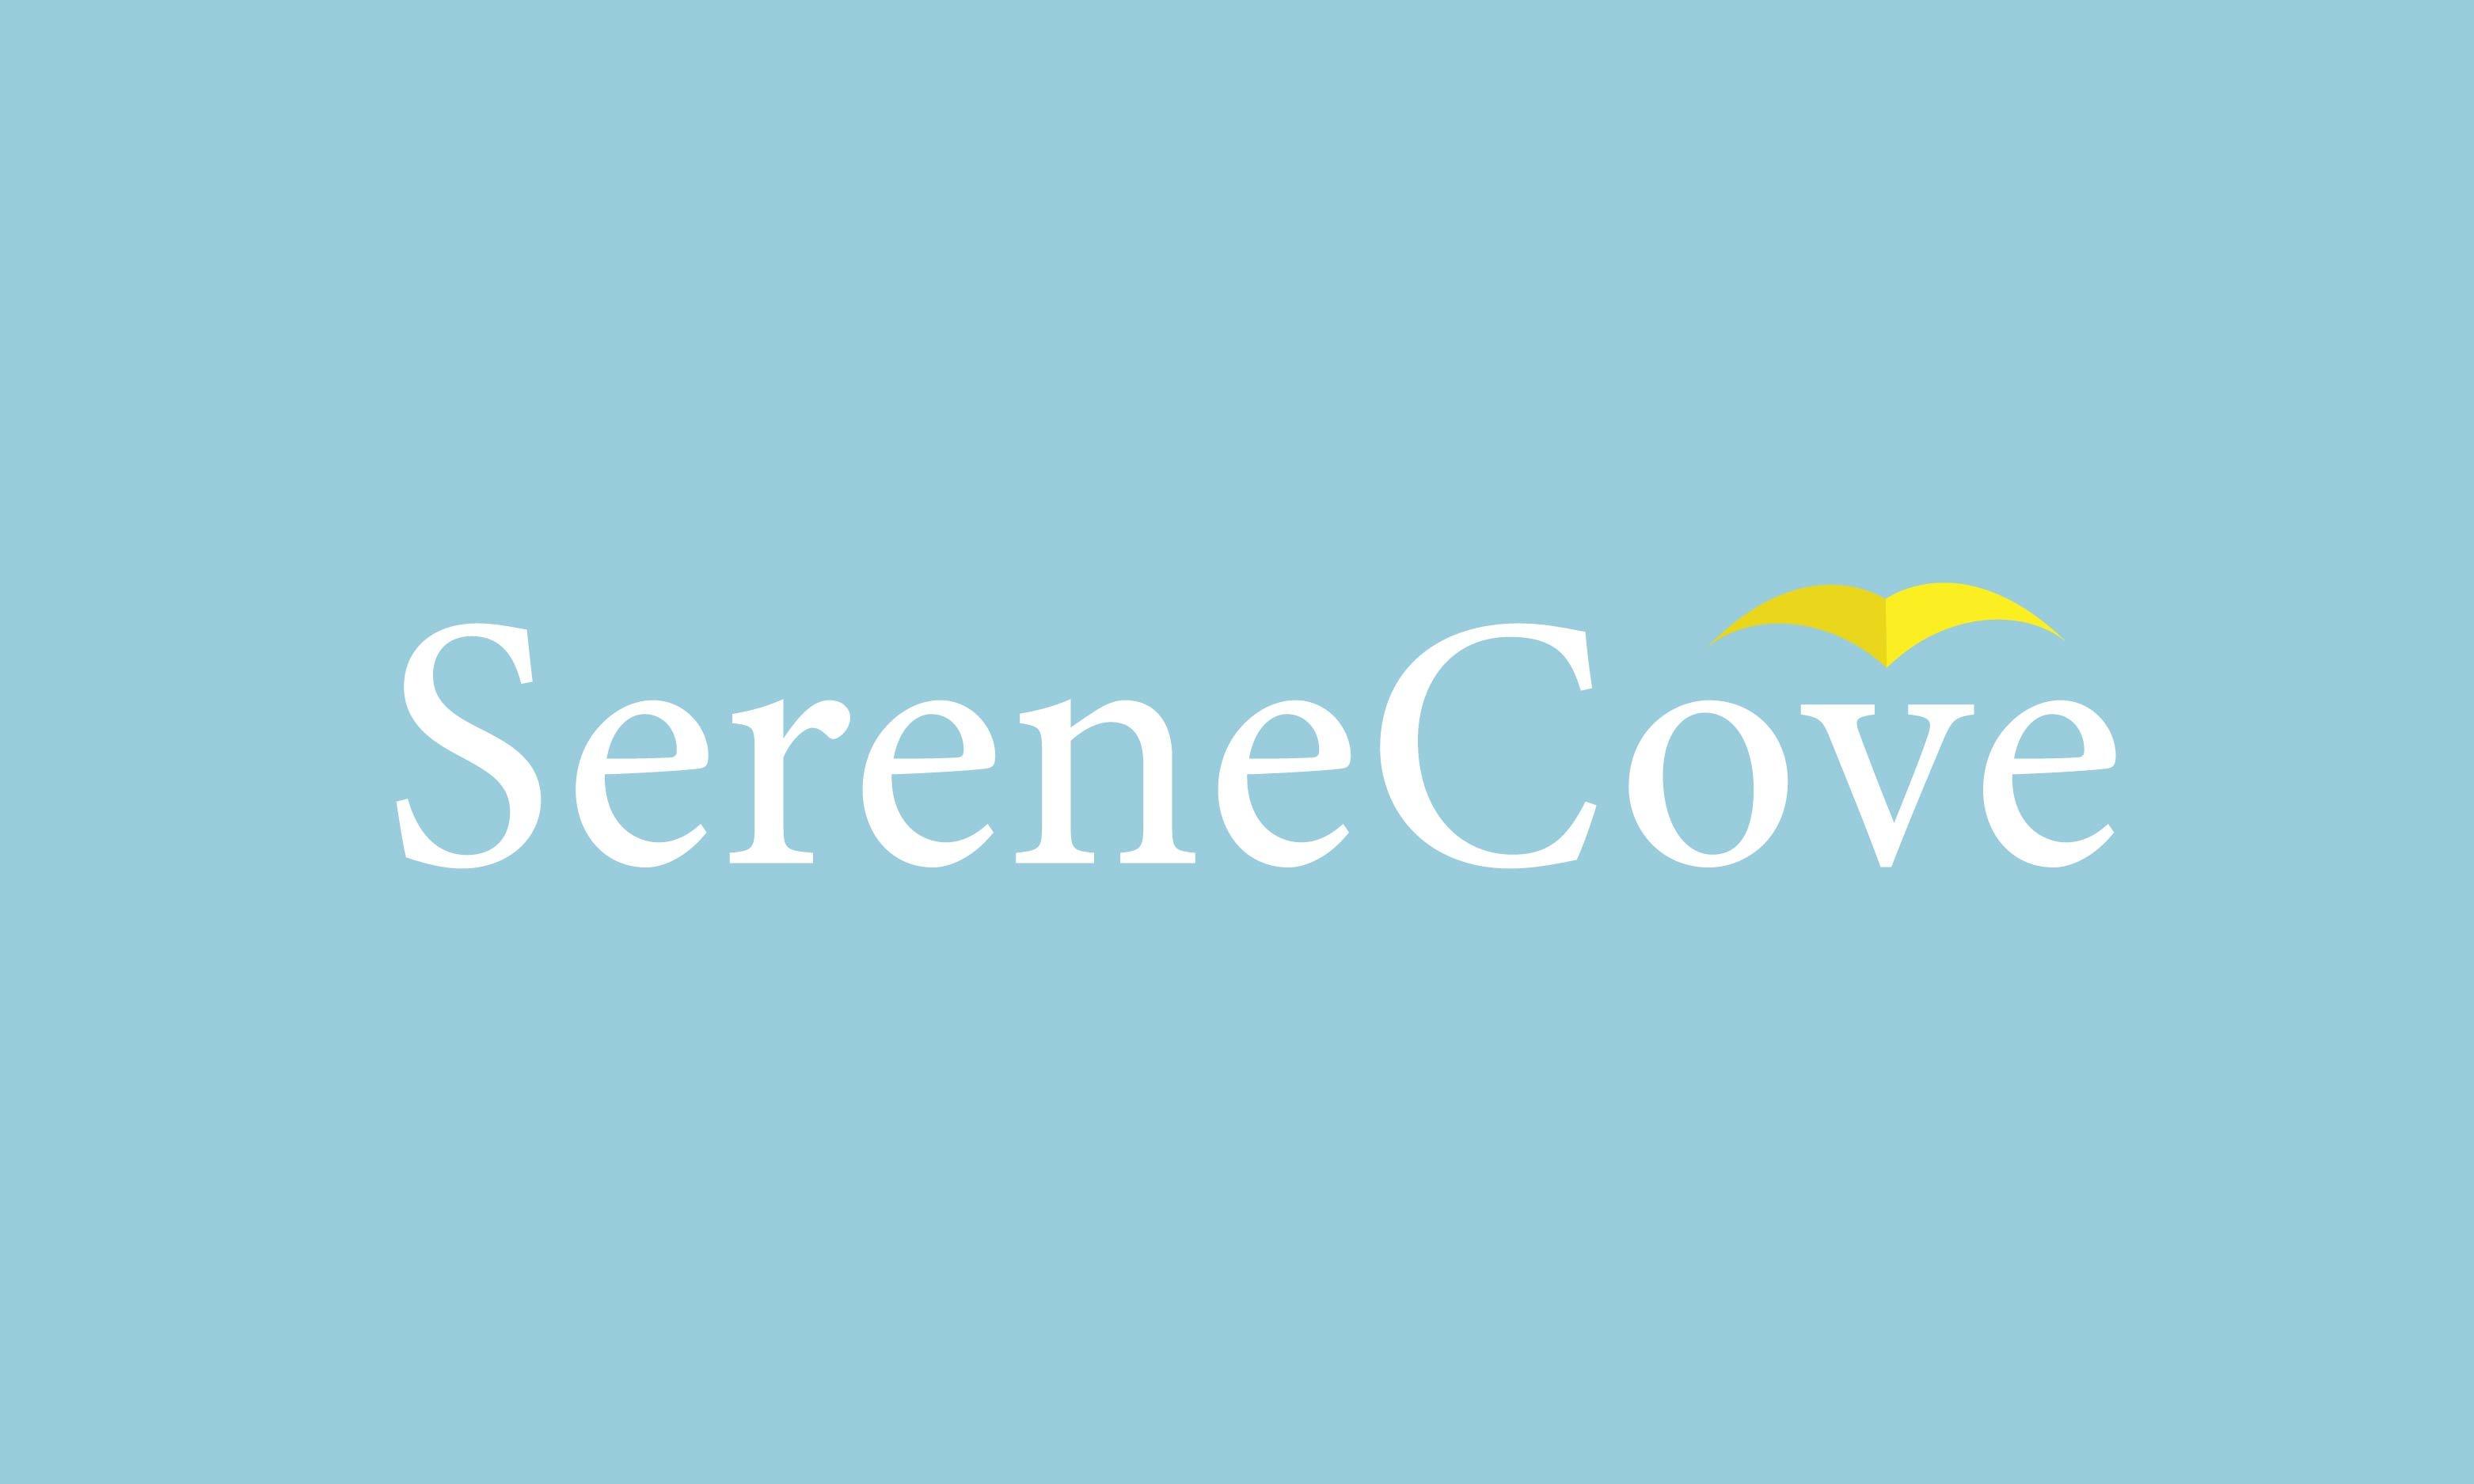 SereneCove.com